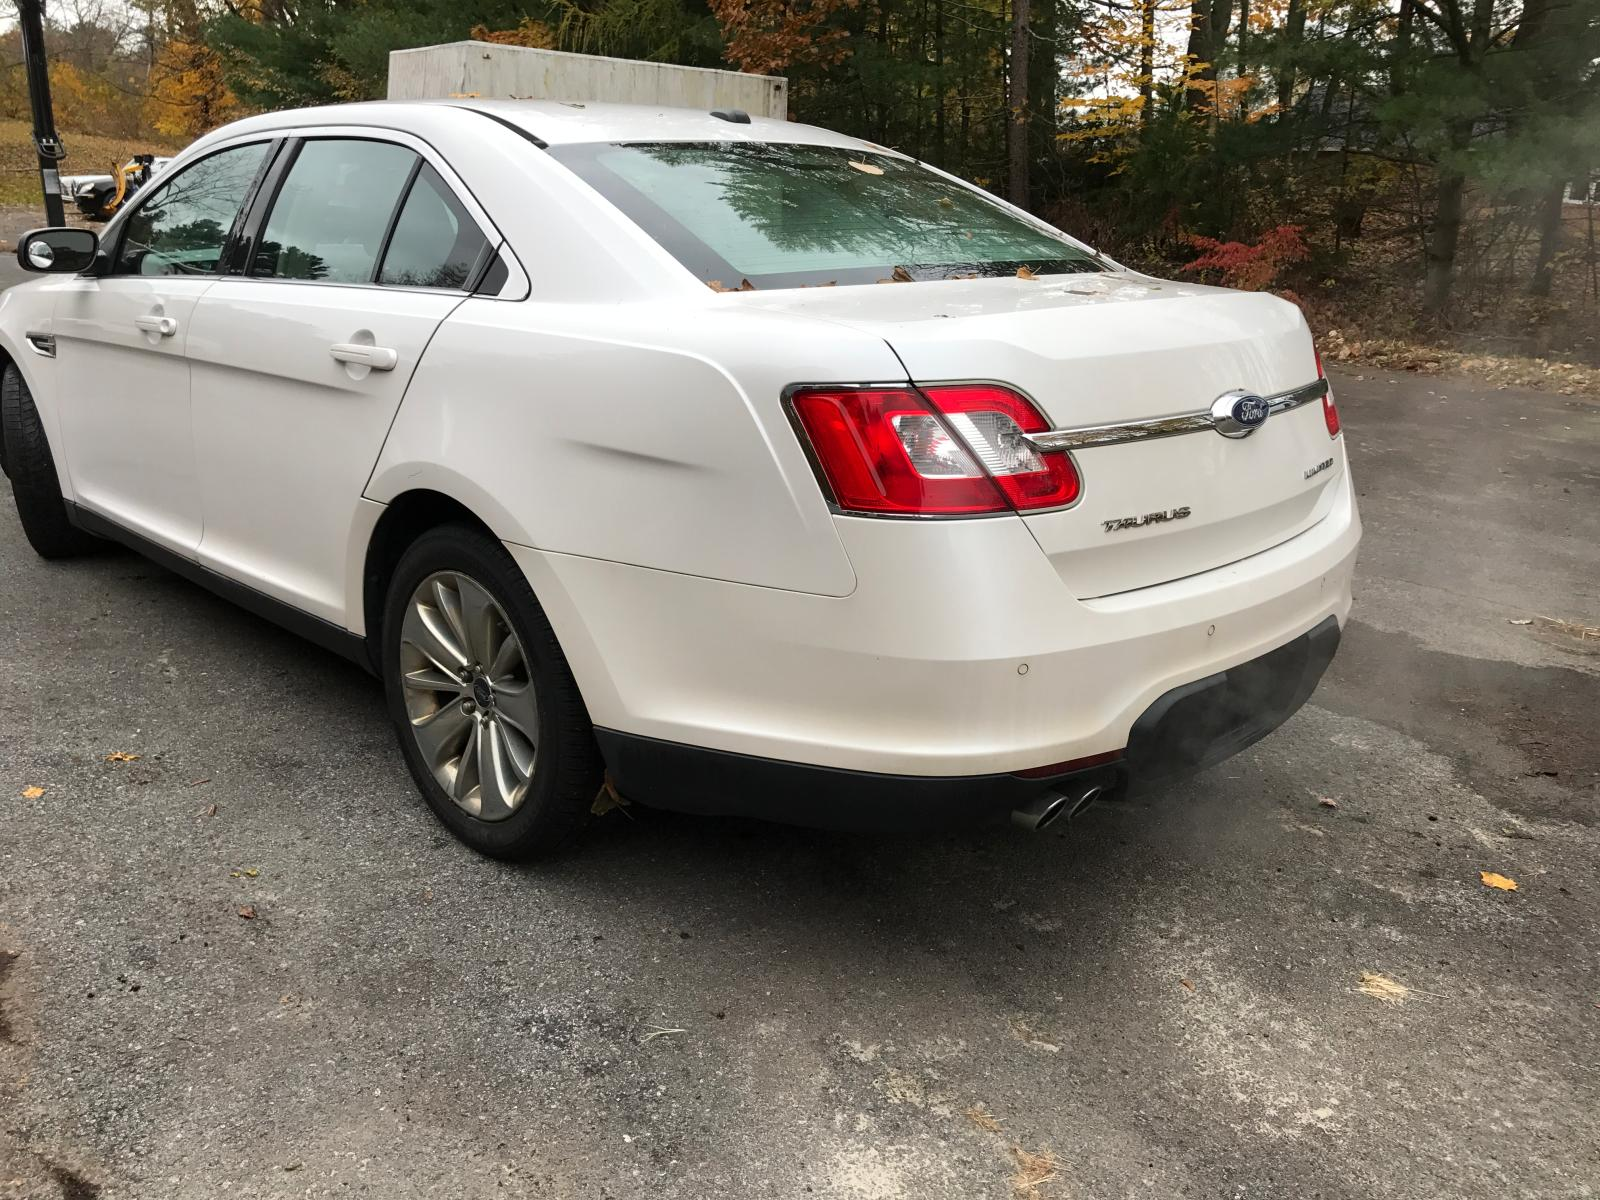 2011 Ford Taurus Lim 3.5L rear view